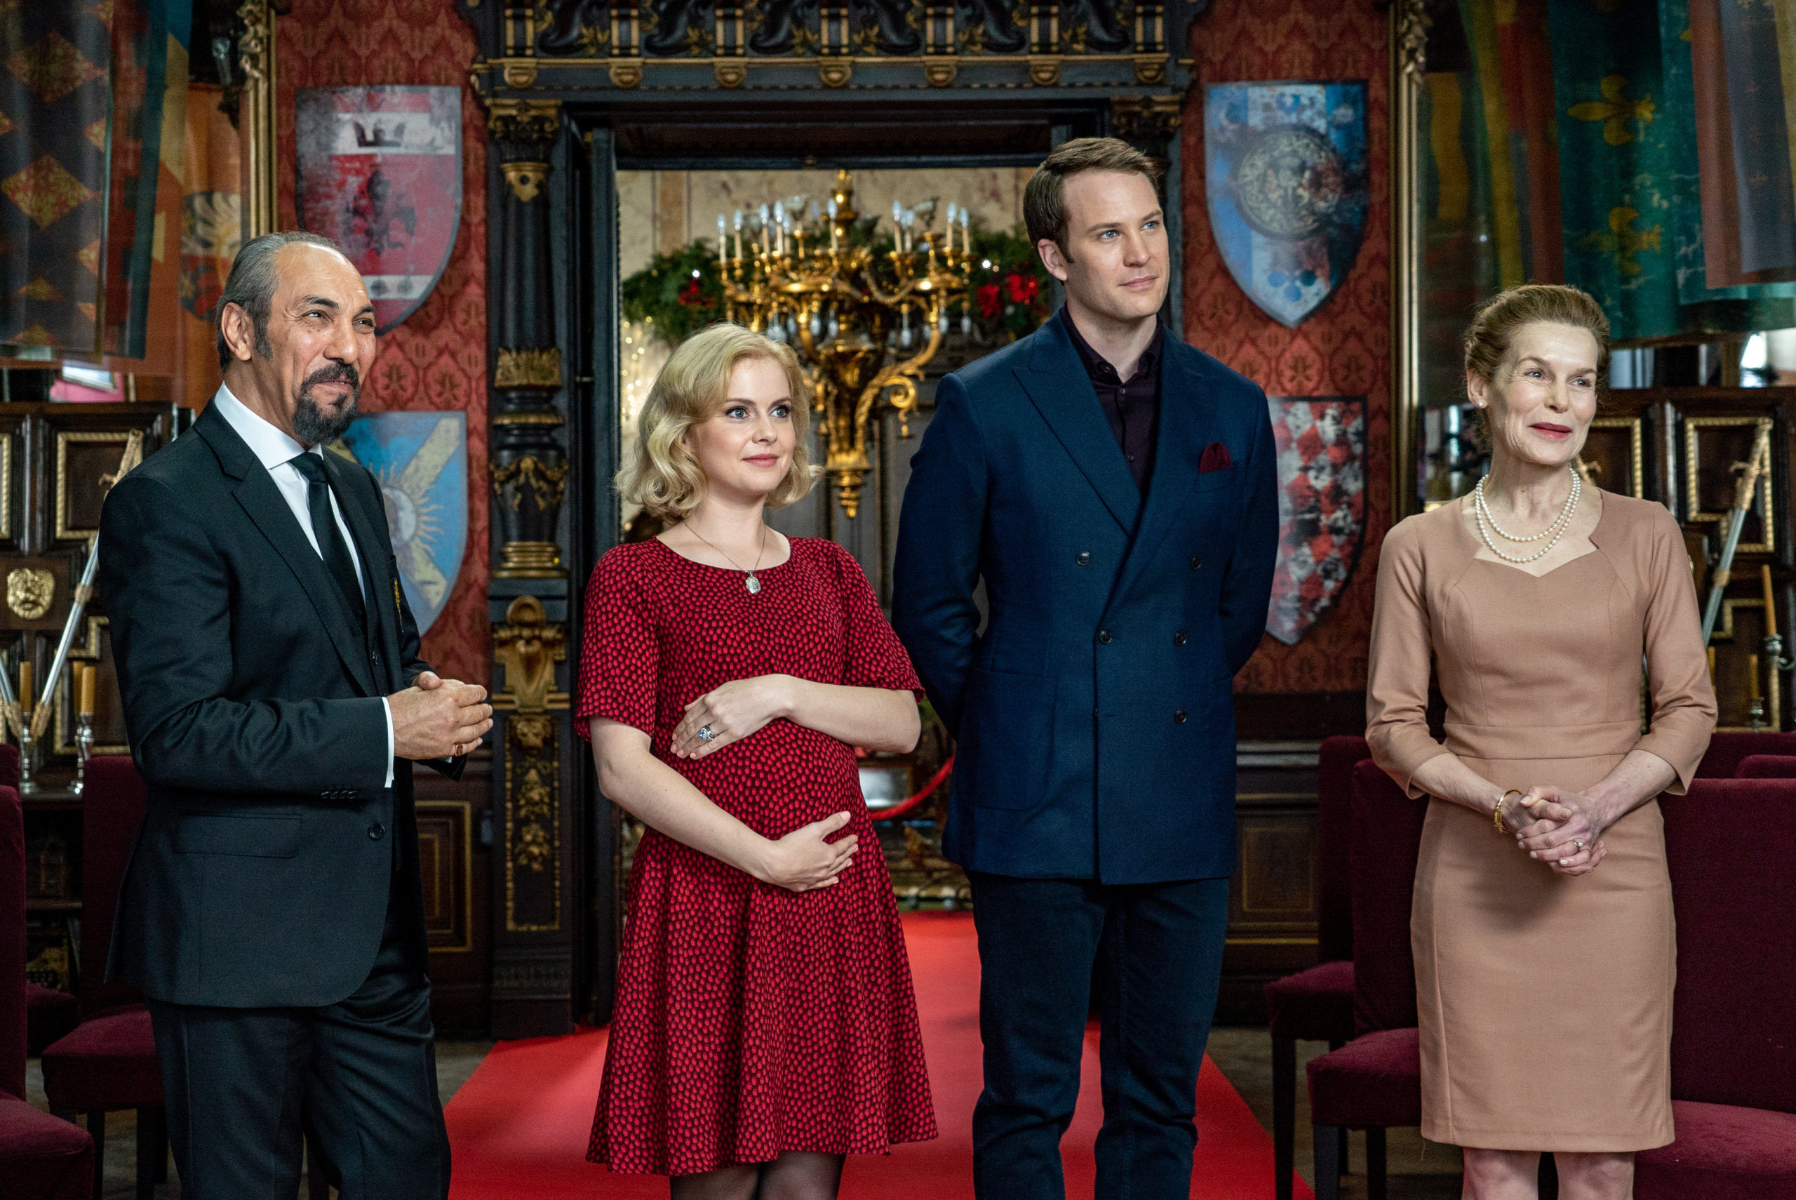 a-christmas-prince-the-royal-baby_3XydH5